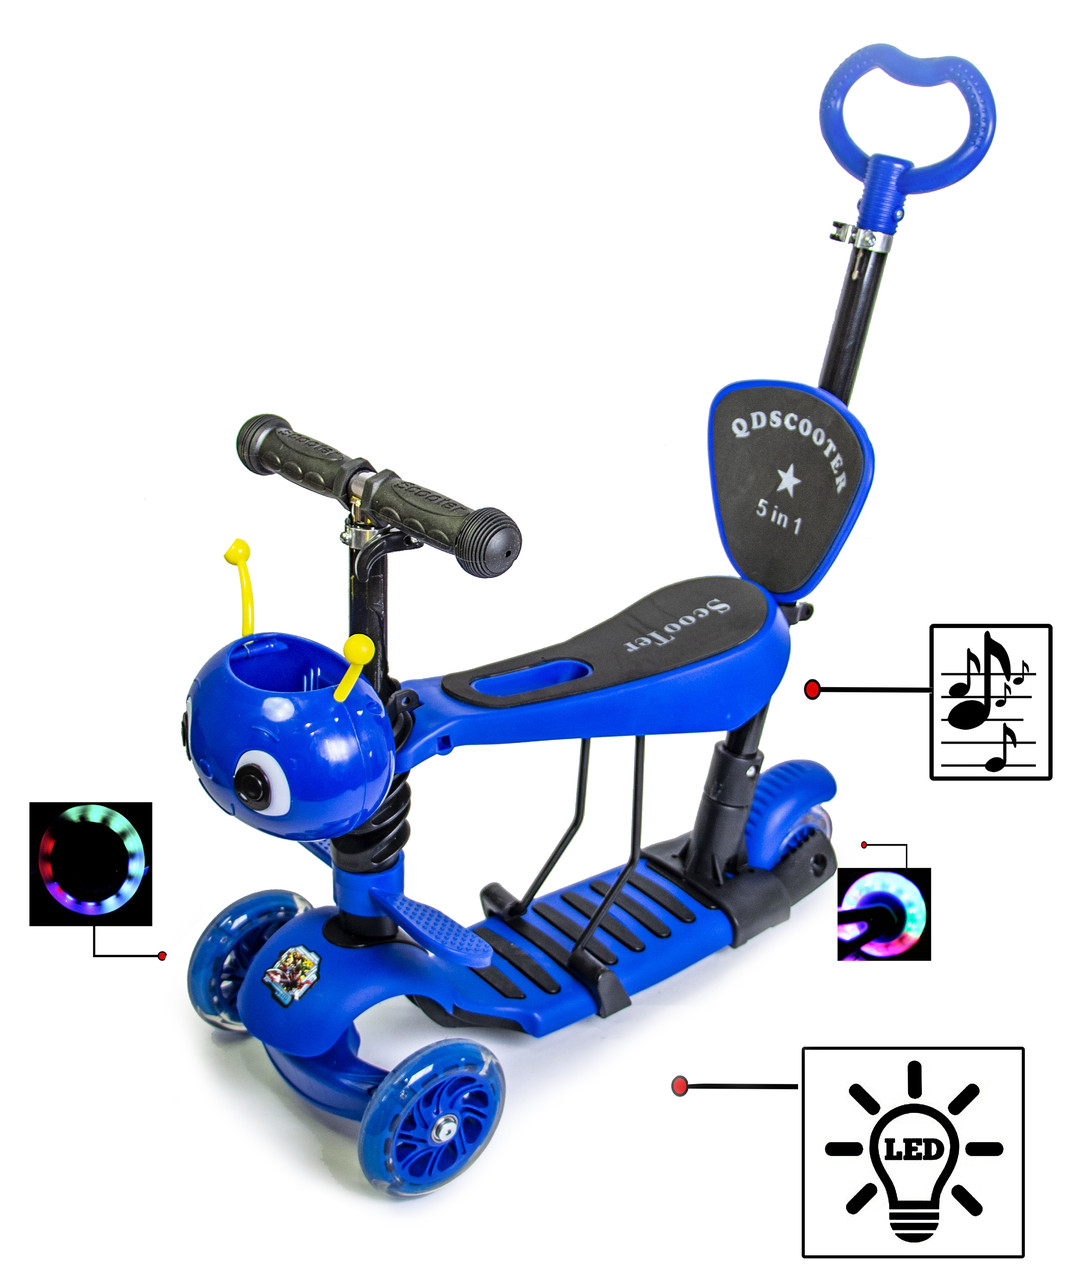 """Самокат Scooter """"Пчелка"""" 5in1. Blue. со светом и музыкой!"""